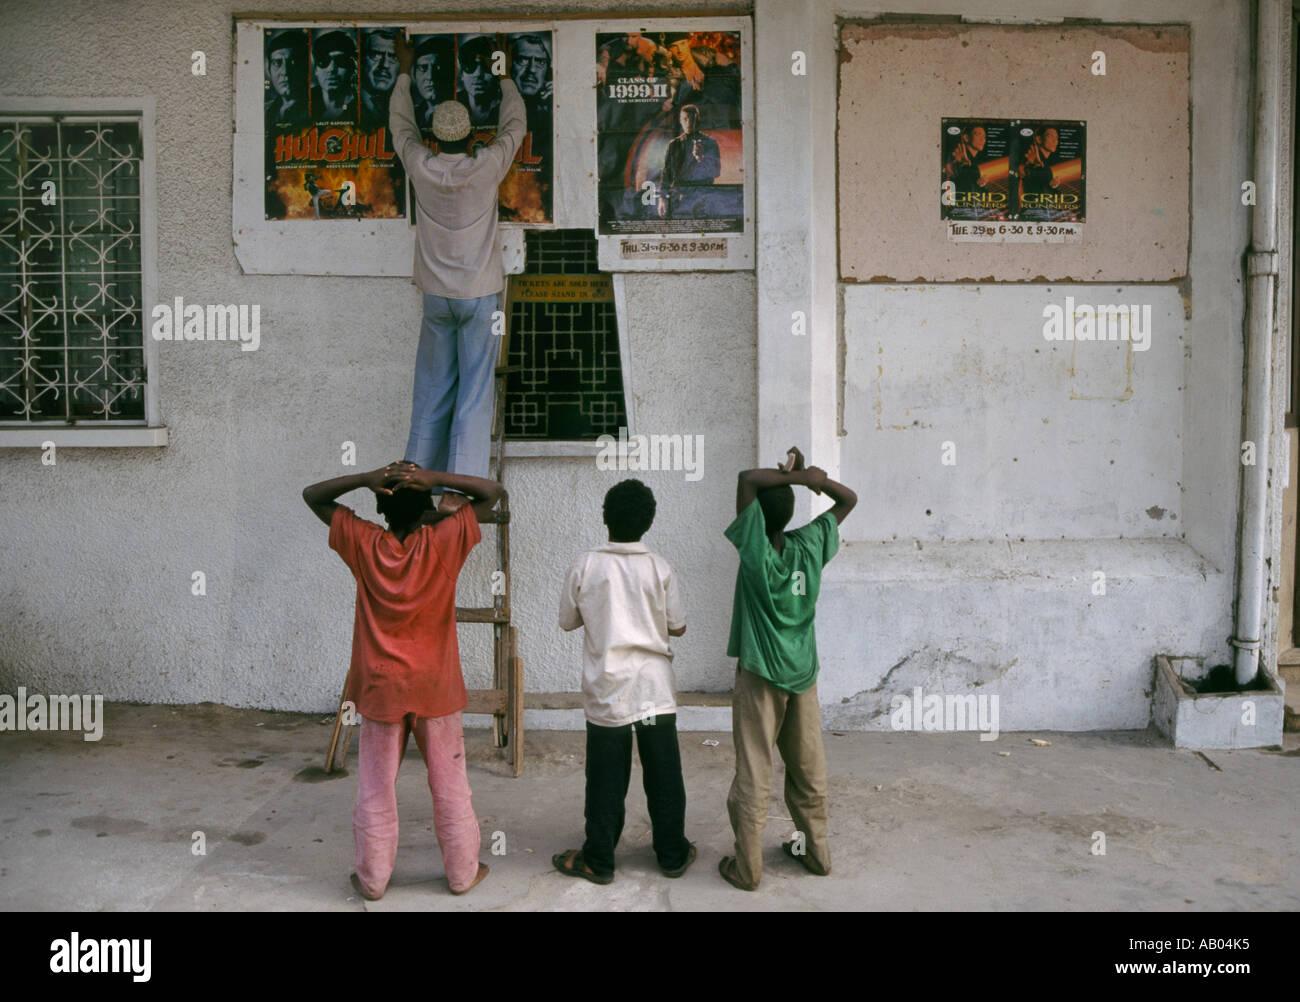 Les garçons de Zanzibar regarder une affiche pour un film d'être mis en place dans un cinéma dans la ville en pierre Juillet 1997 Photo Stock